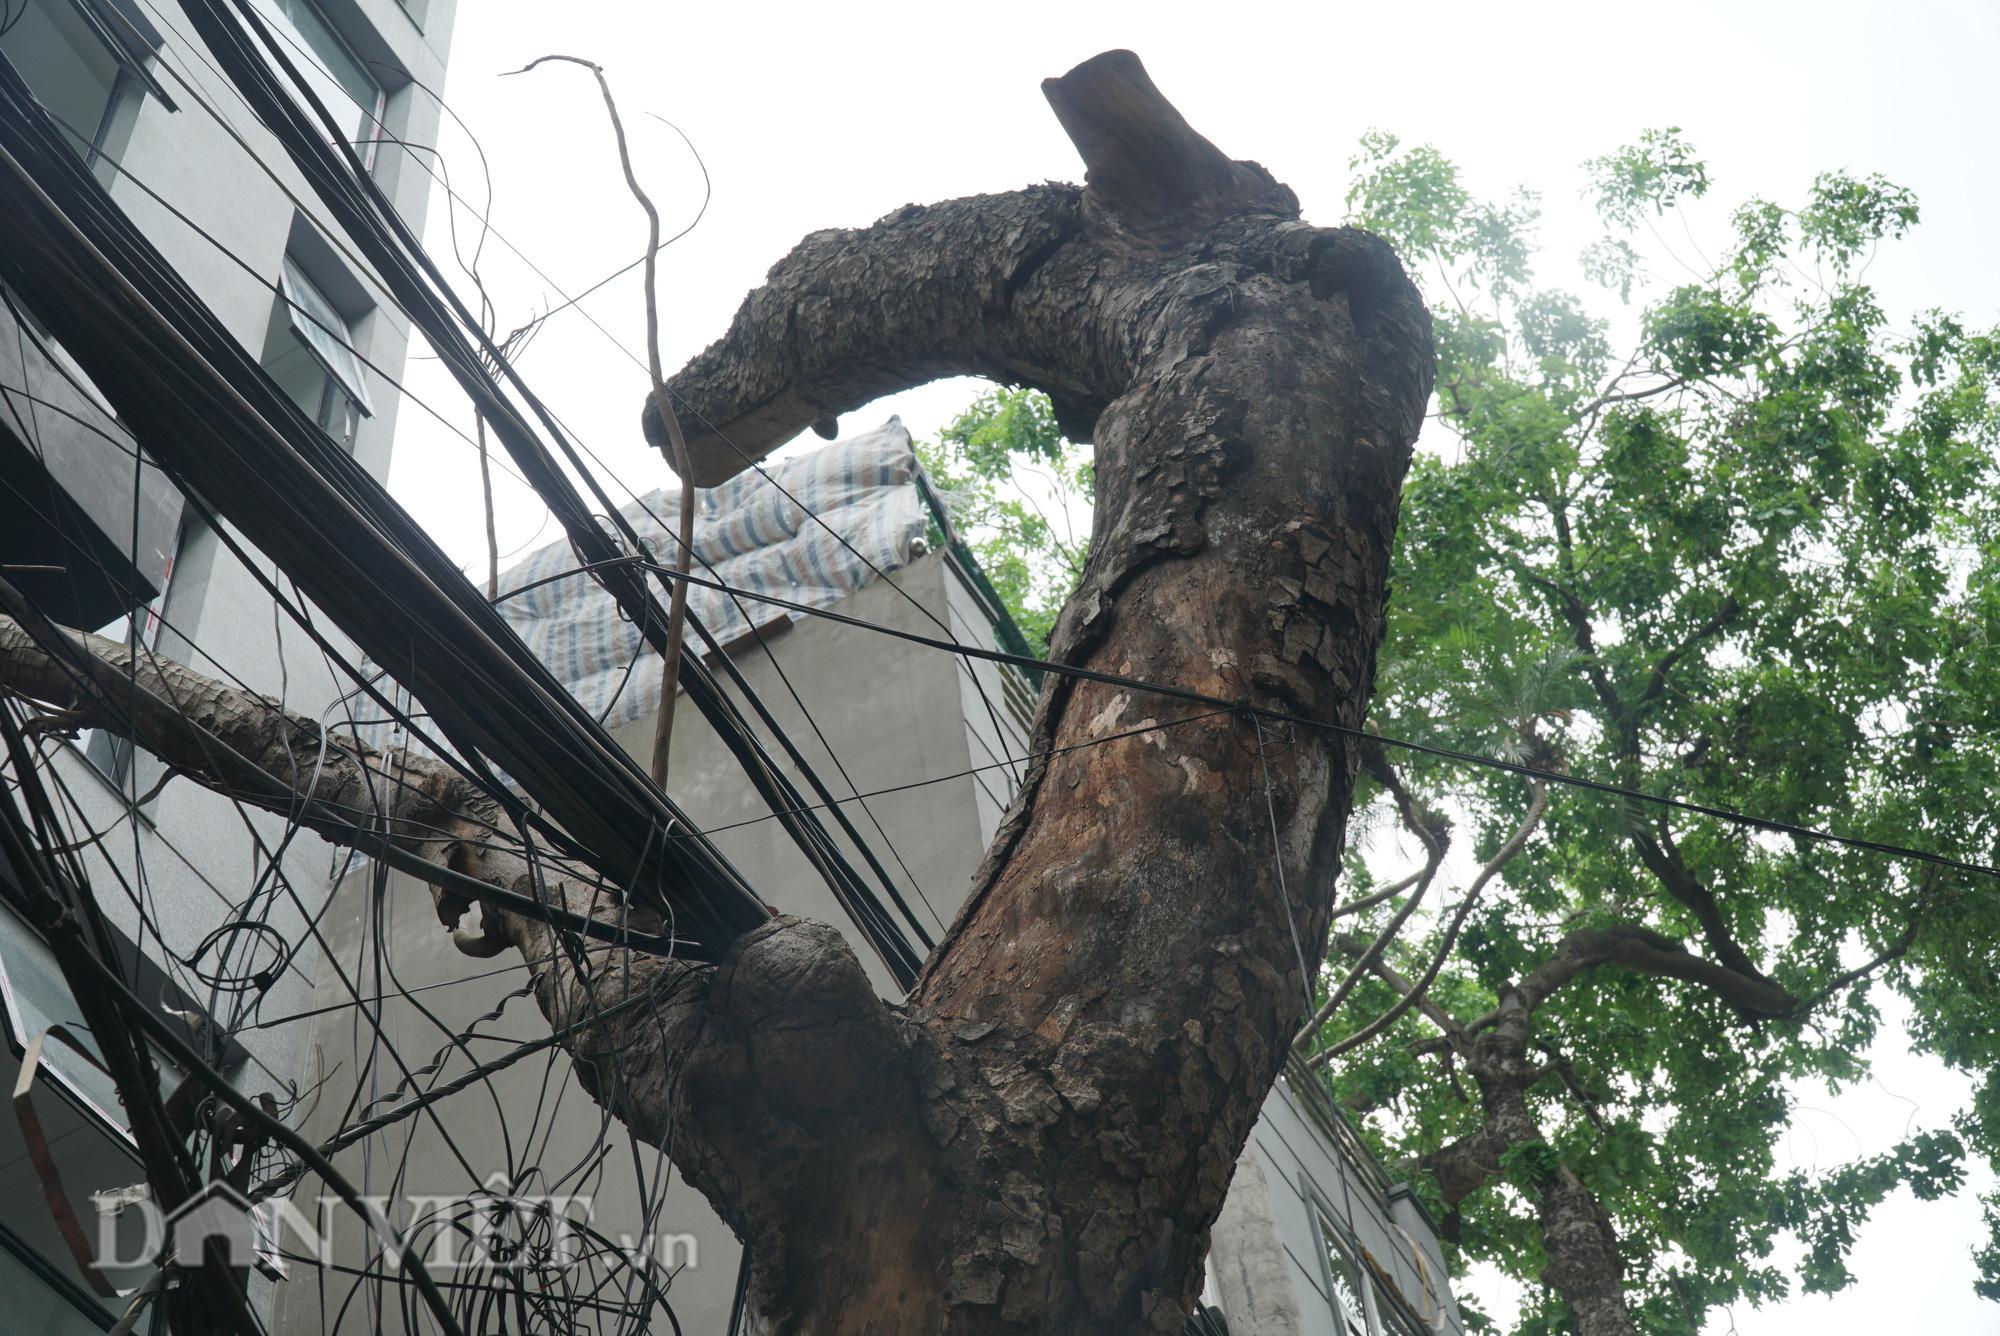 Ẩn hoạ đến từ những cây xanh chết khô trên đường phố Hà Nội - Ảnh 9.